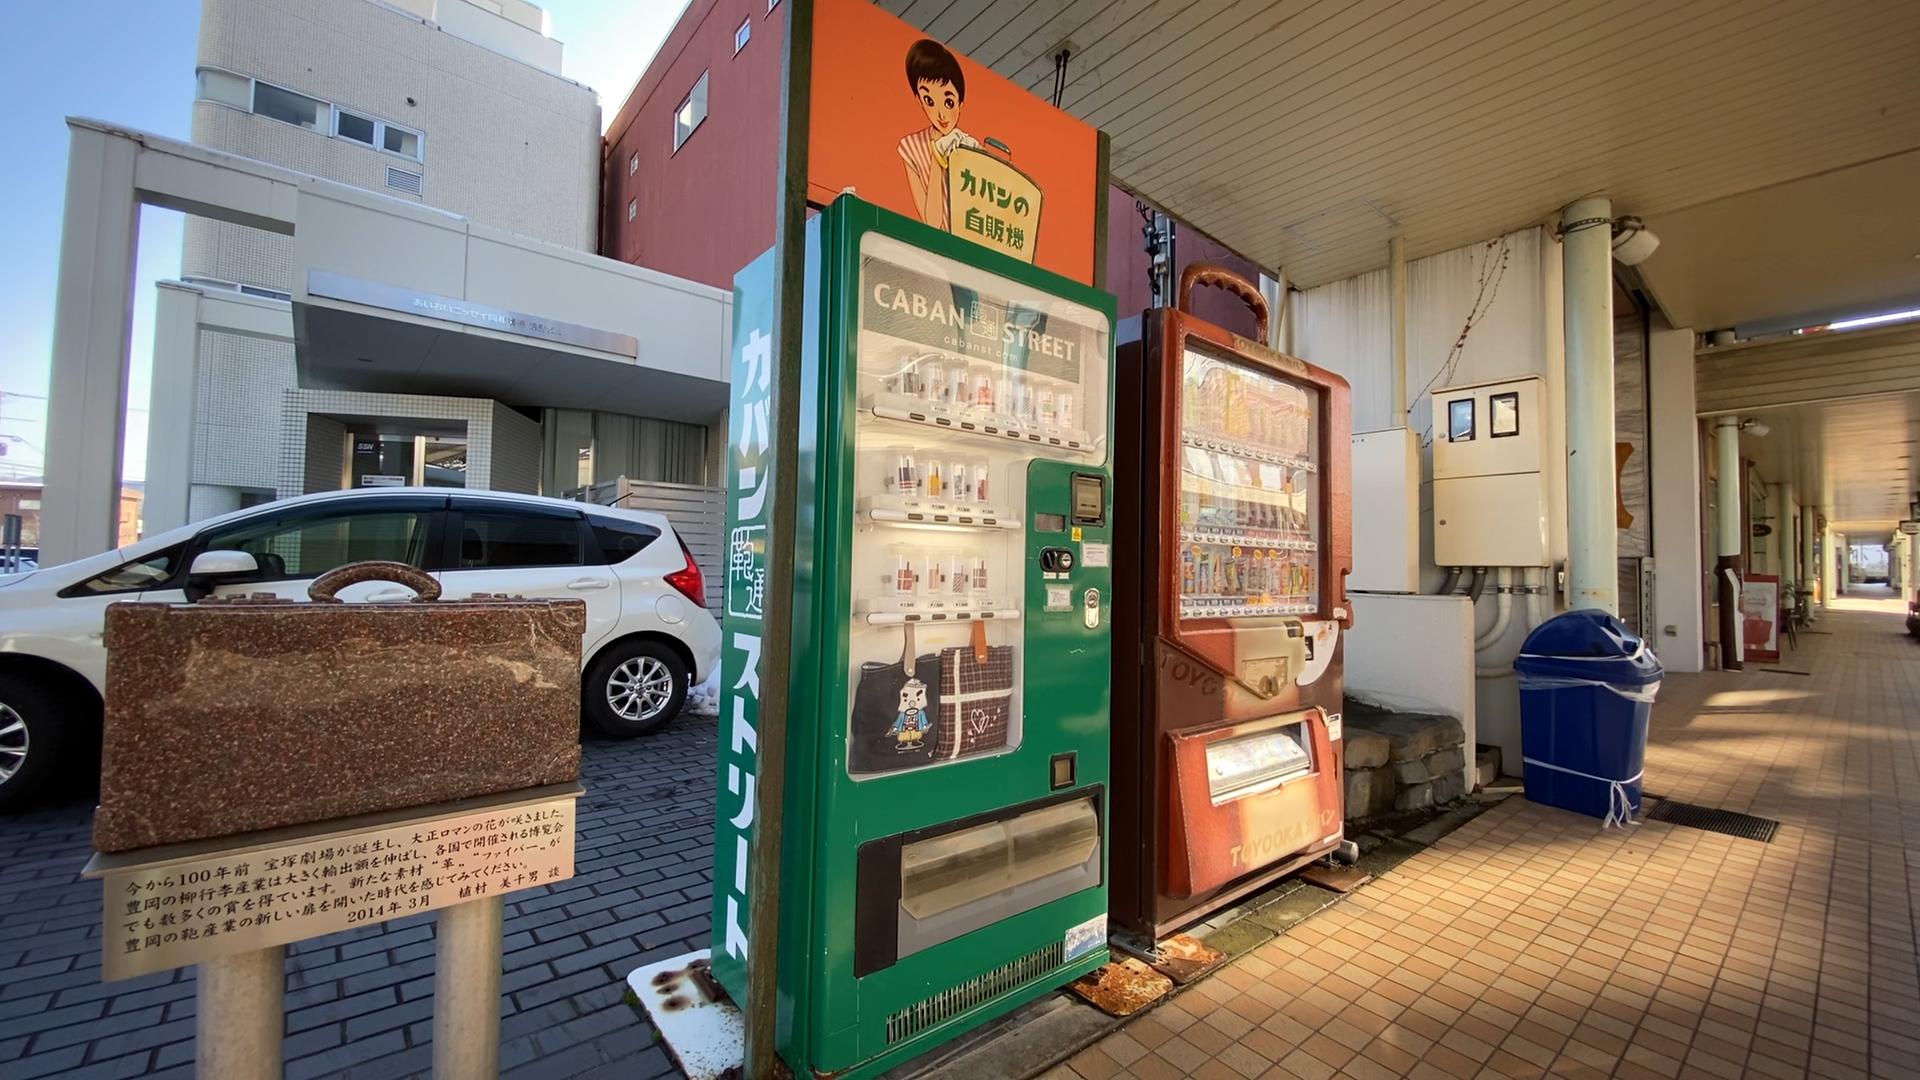 カバンの自販機 image